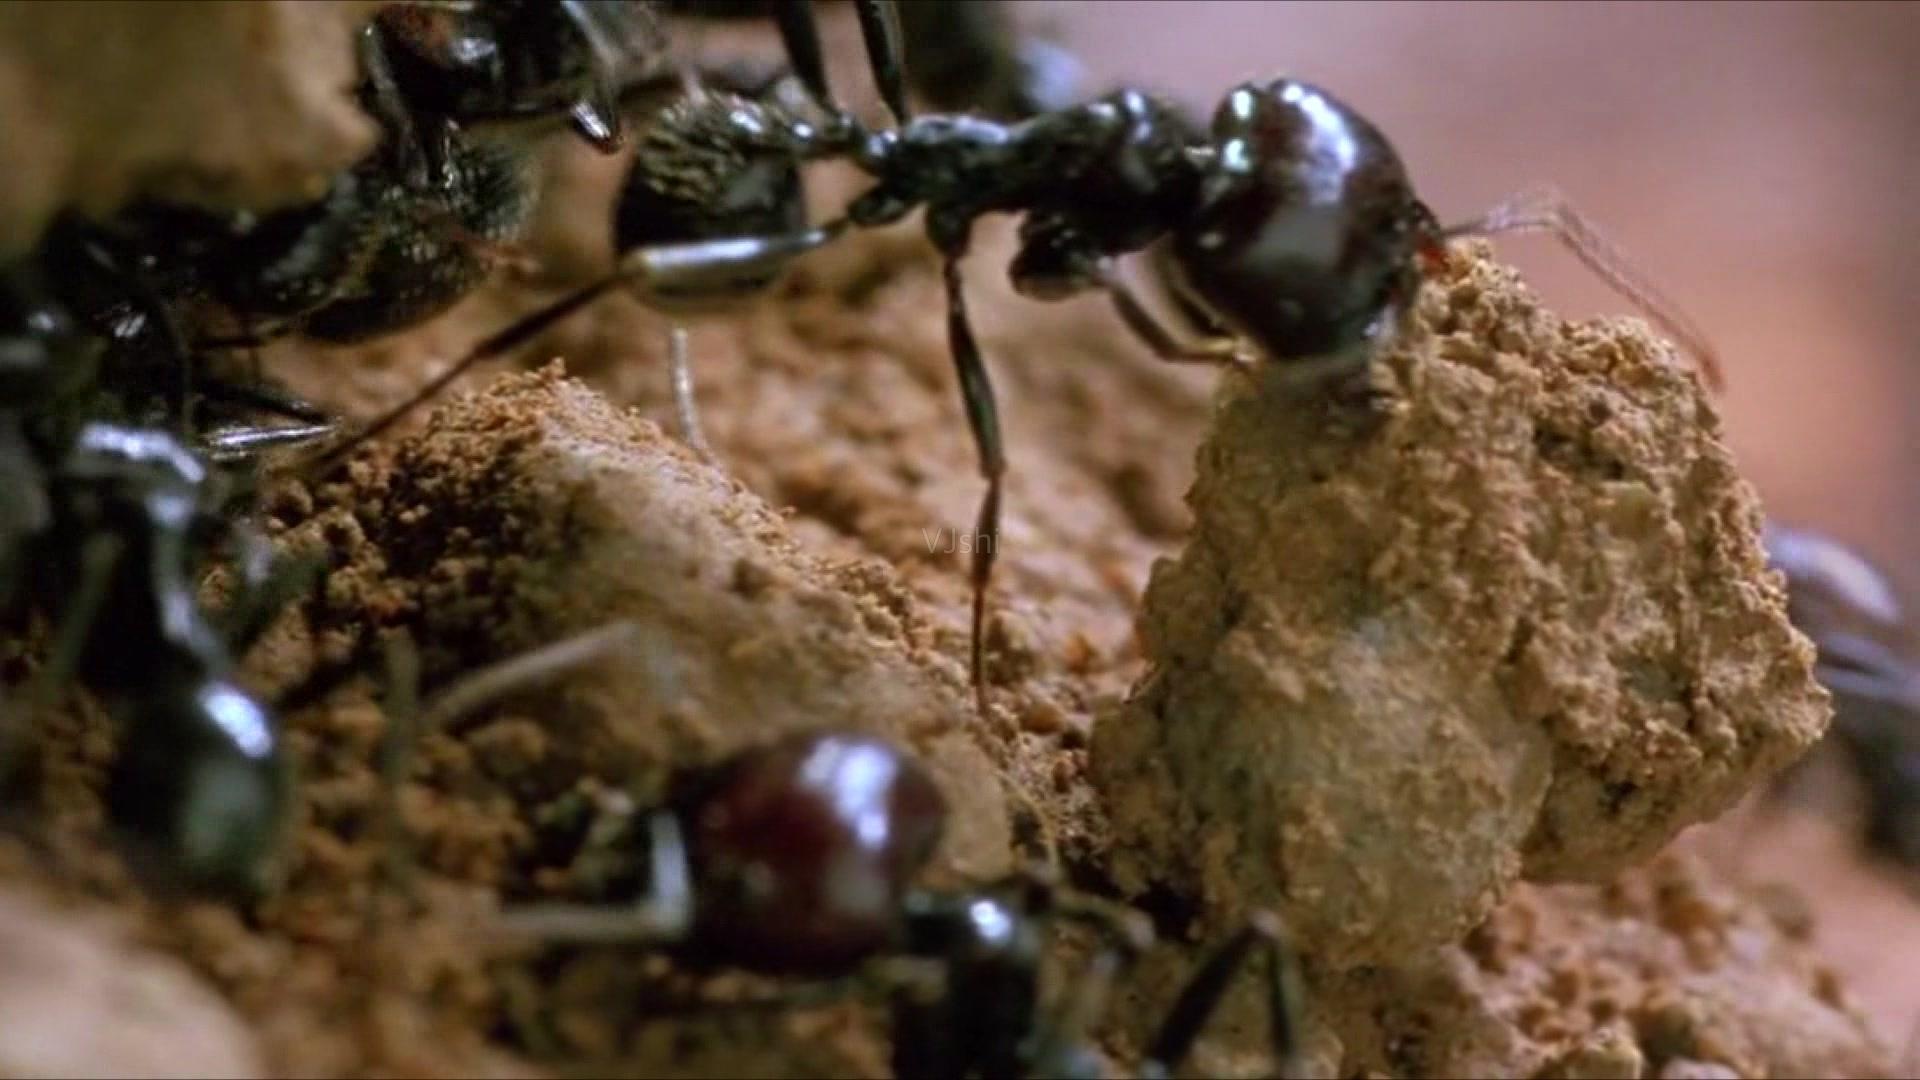 世界上最大的蚂蚁窝,面积相当于英国,白蚁们挖了3800年